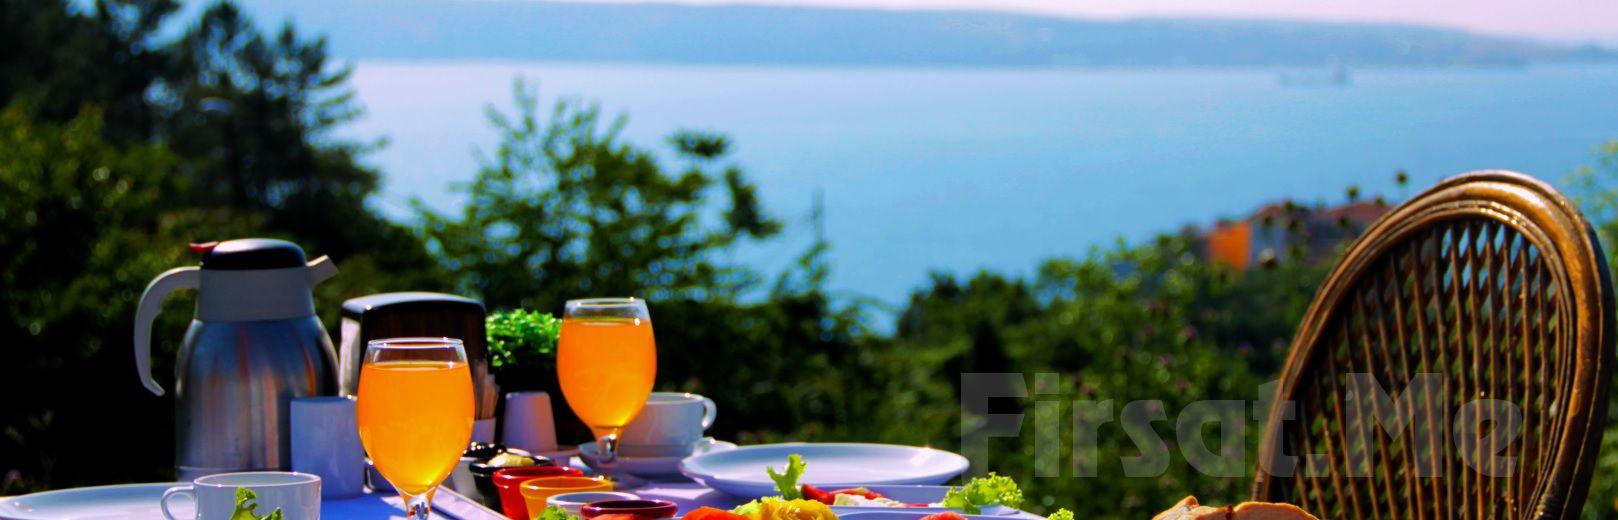 Anadolu Feneri'nde, Boğaz'a Karşı Açık Büfe Kahvaltı Keyfi!